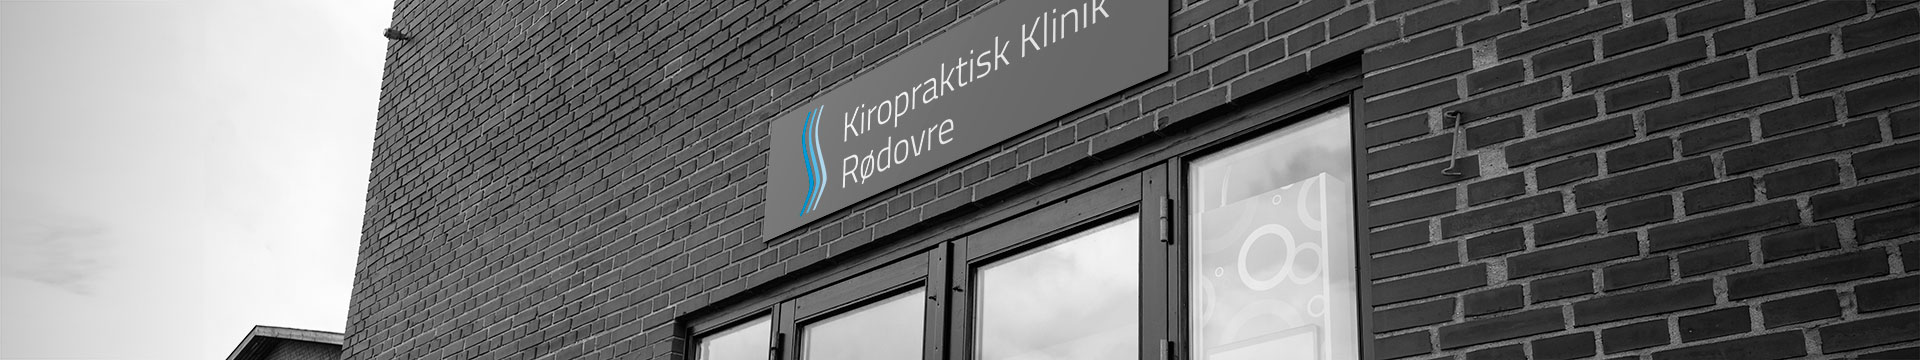 Indgang til Kiropraktisk Klinik Rødovre